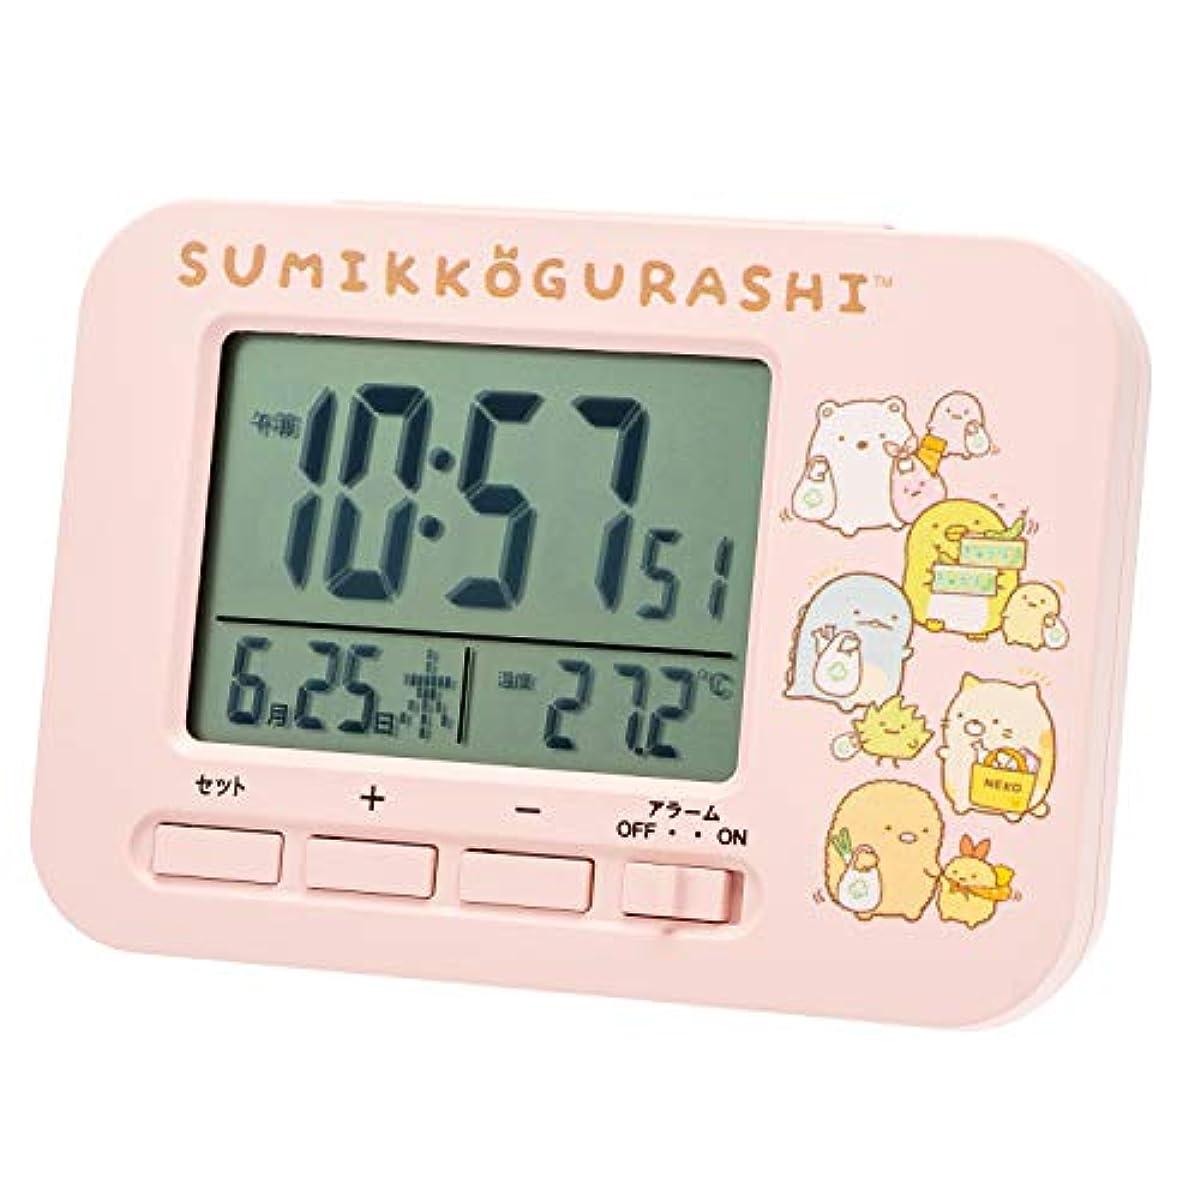 [해외] 스밋코구라시 자명종 전파 시계 AC19048SXSG